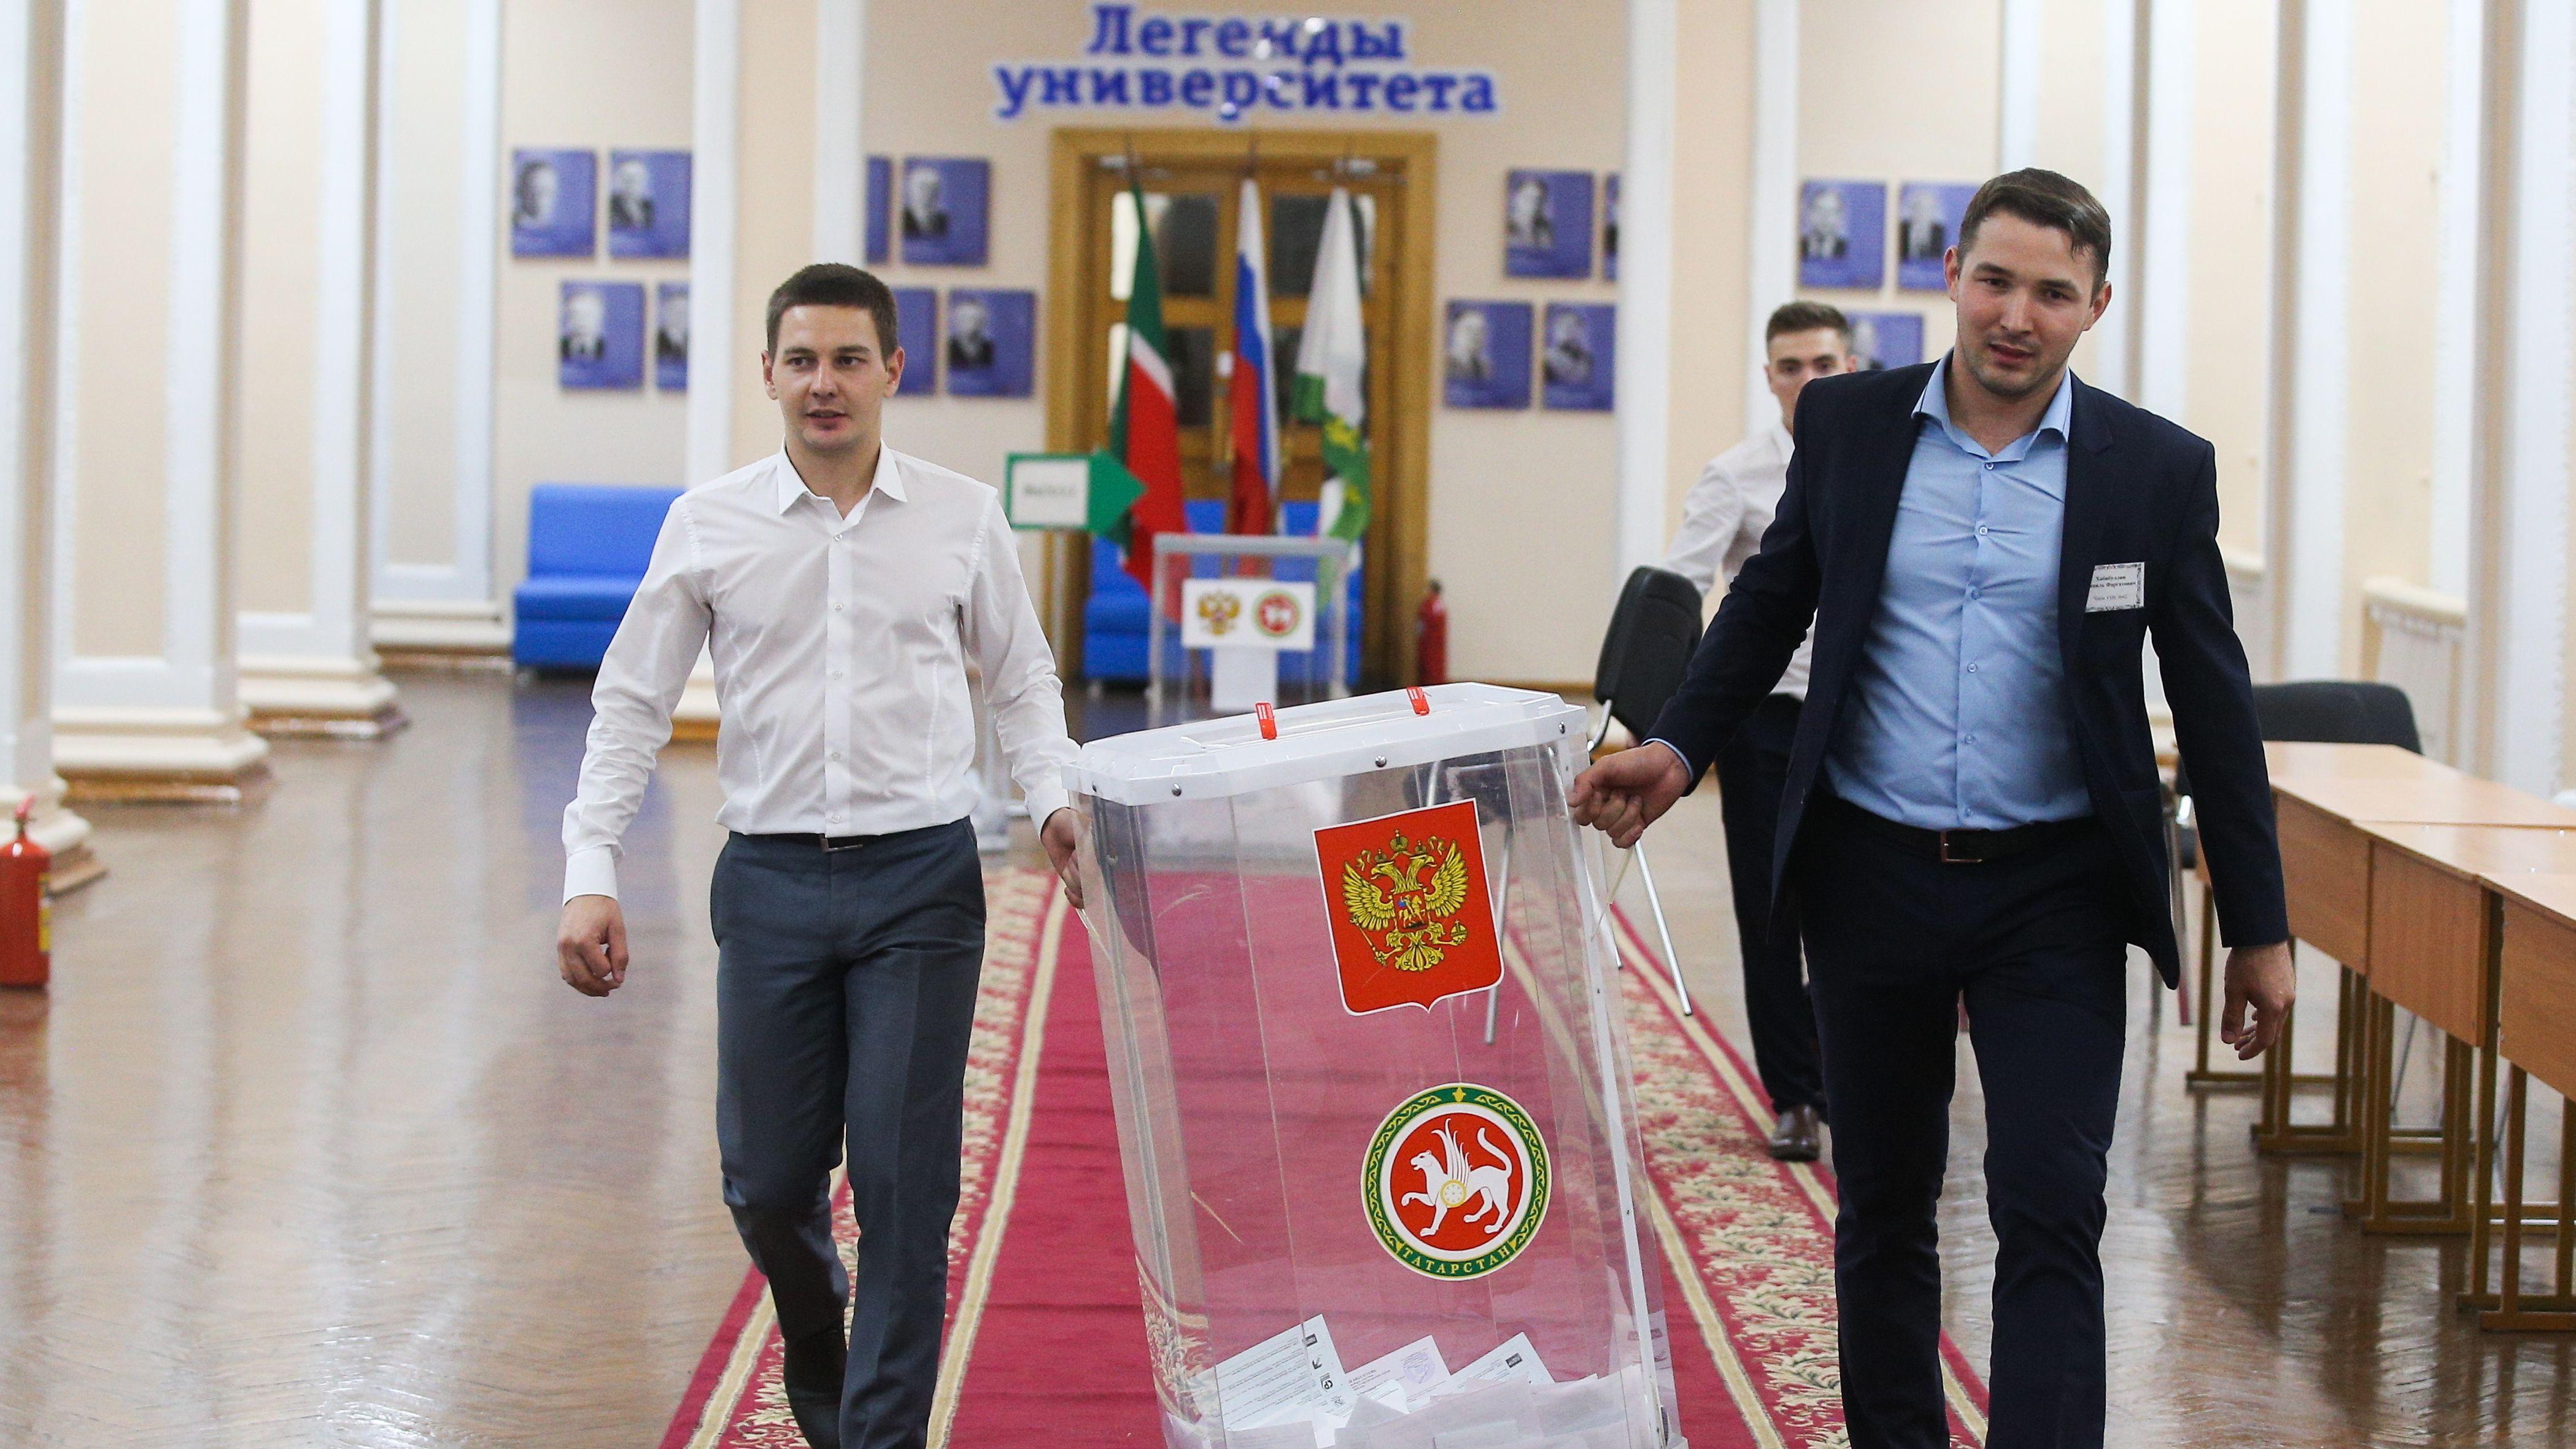 Russland, Kazan: Wahlhelfer transportieren die Wahlurne nach dem Schluss der Wahllokale